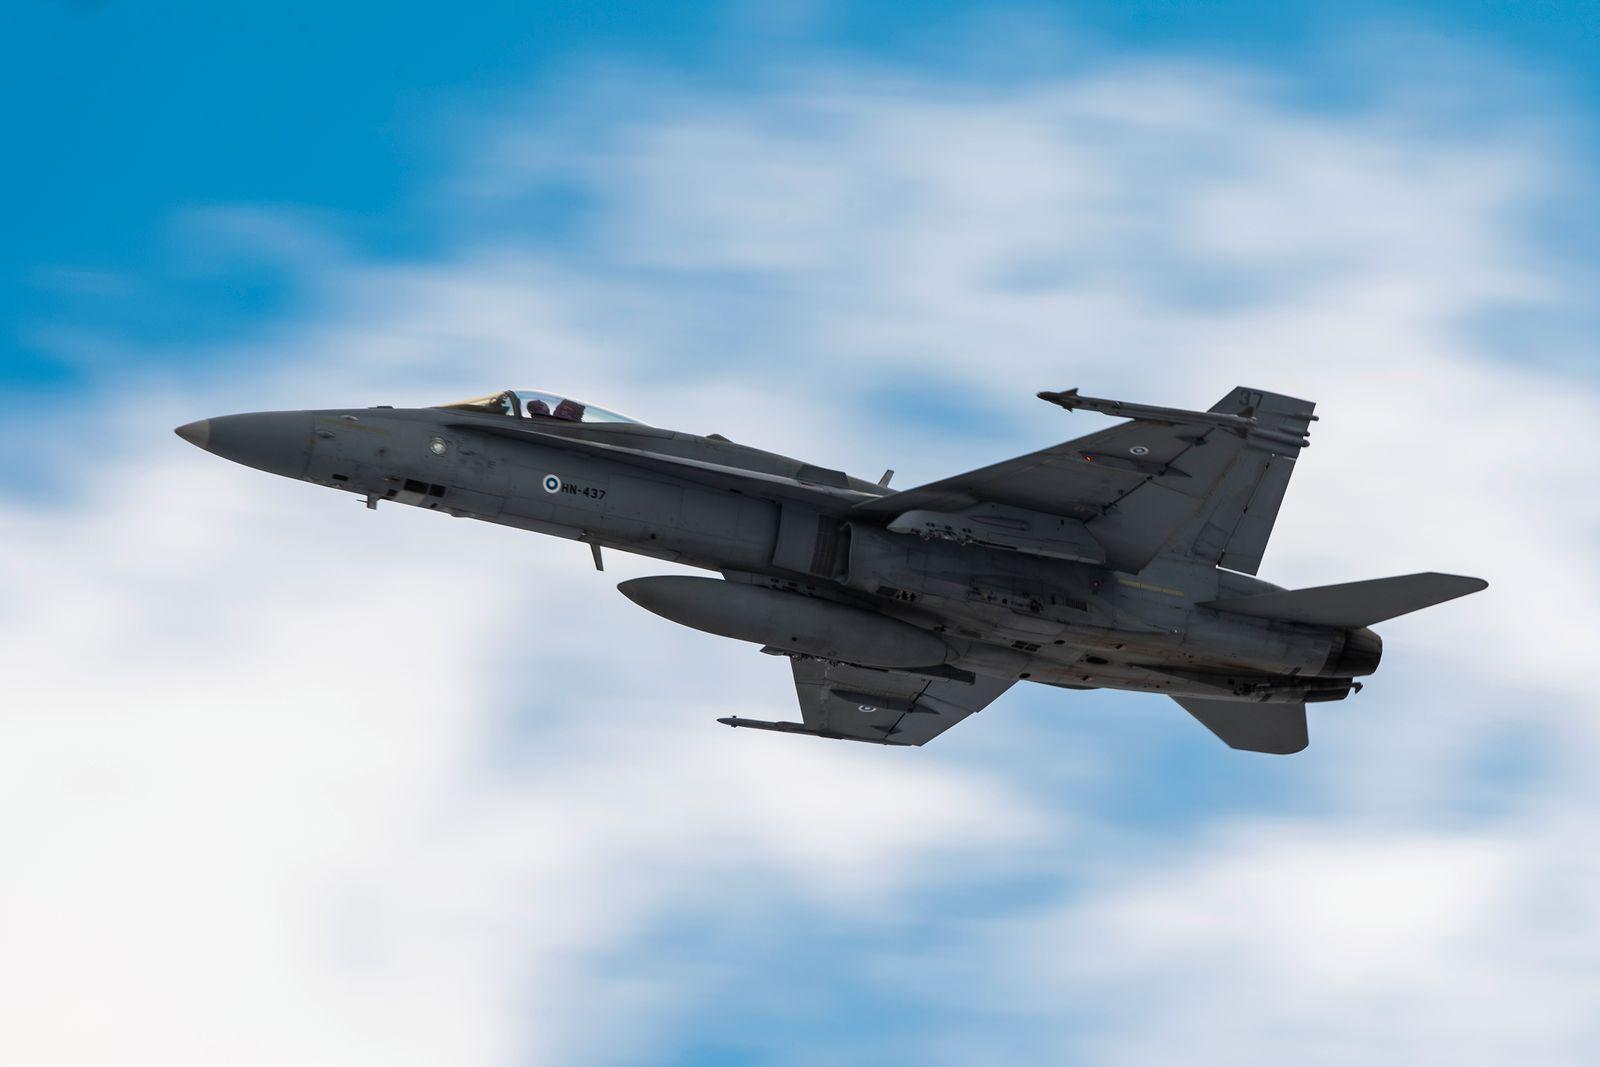 Finnische F-18 Hornet